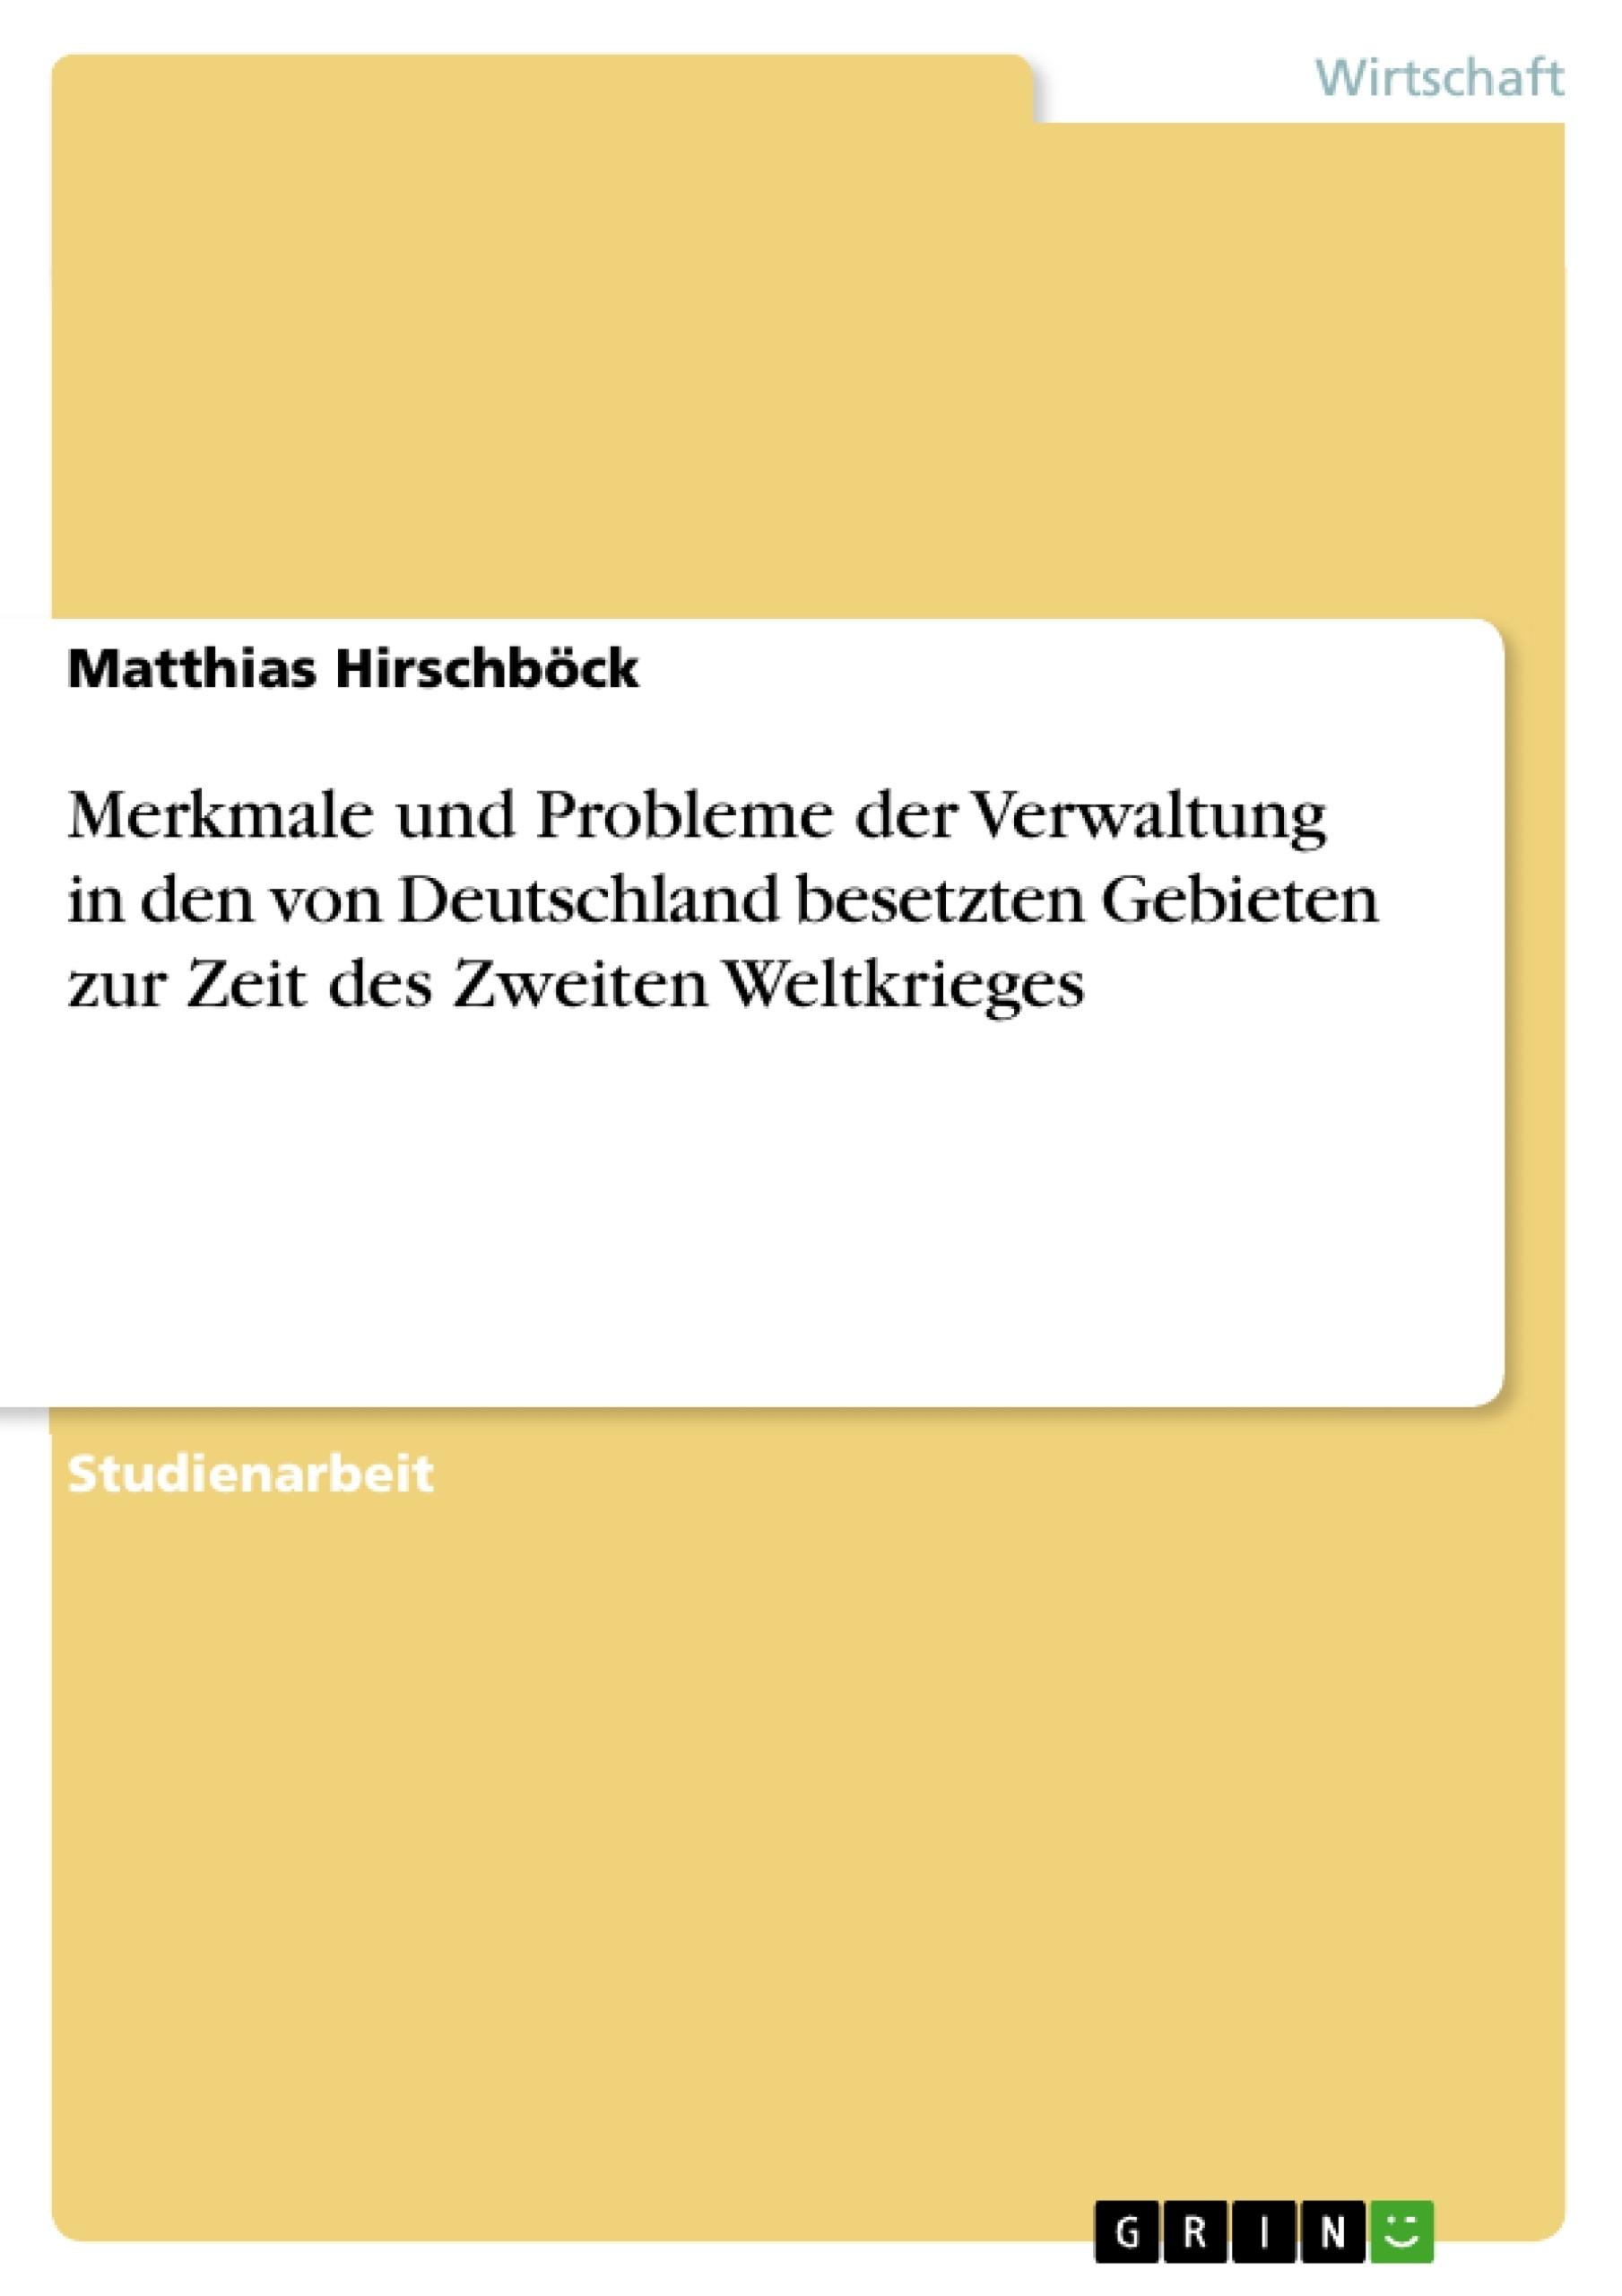 Titel: Merkmale und Probleme der Verwaltung in den von Deutschland besetzten Gebieten zur Zeit des Zweiten Weltkrieges